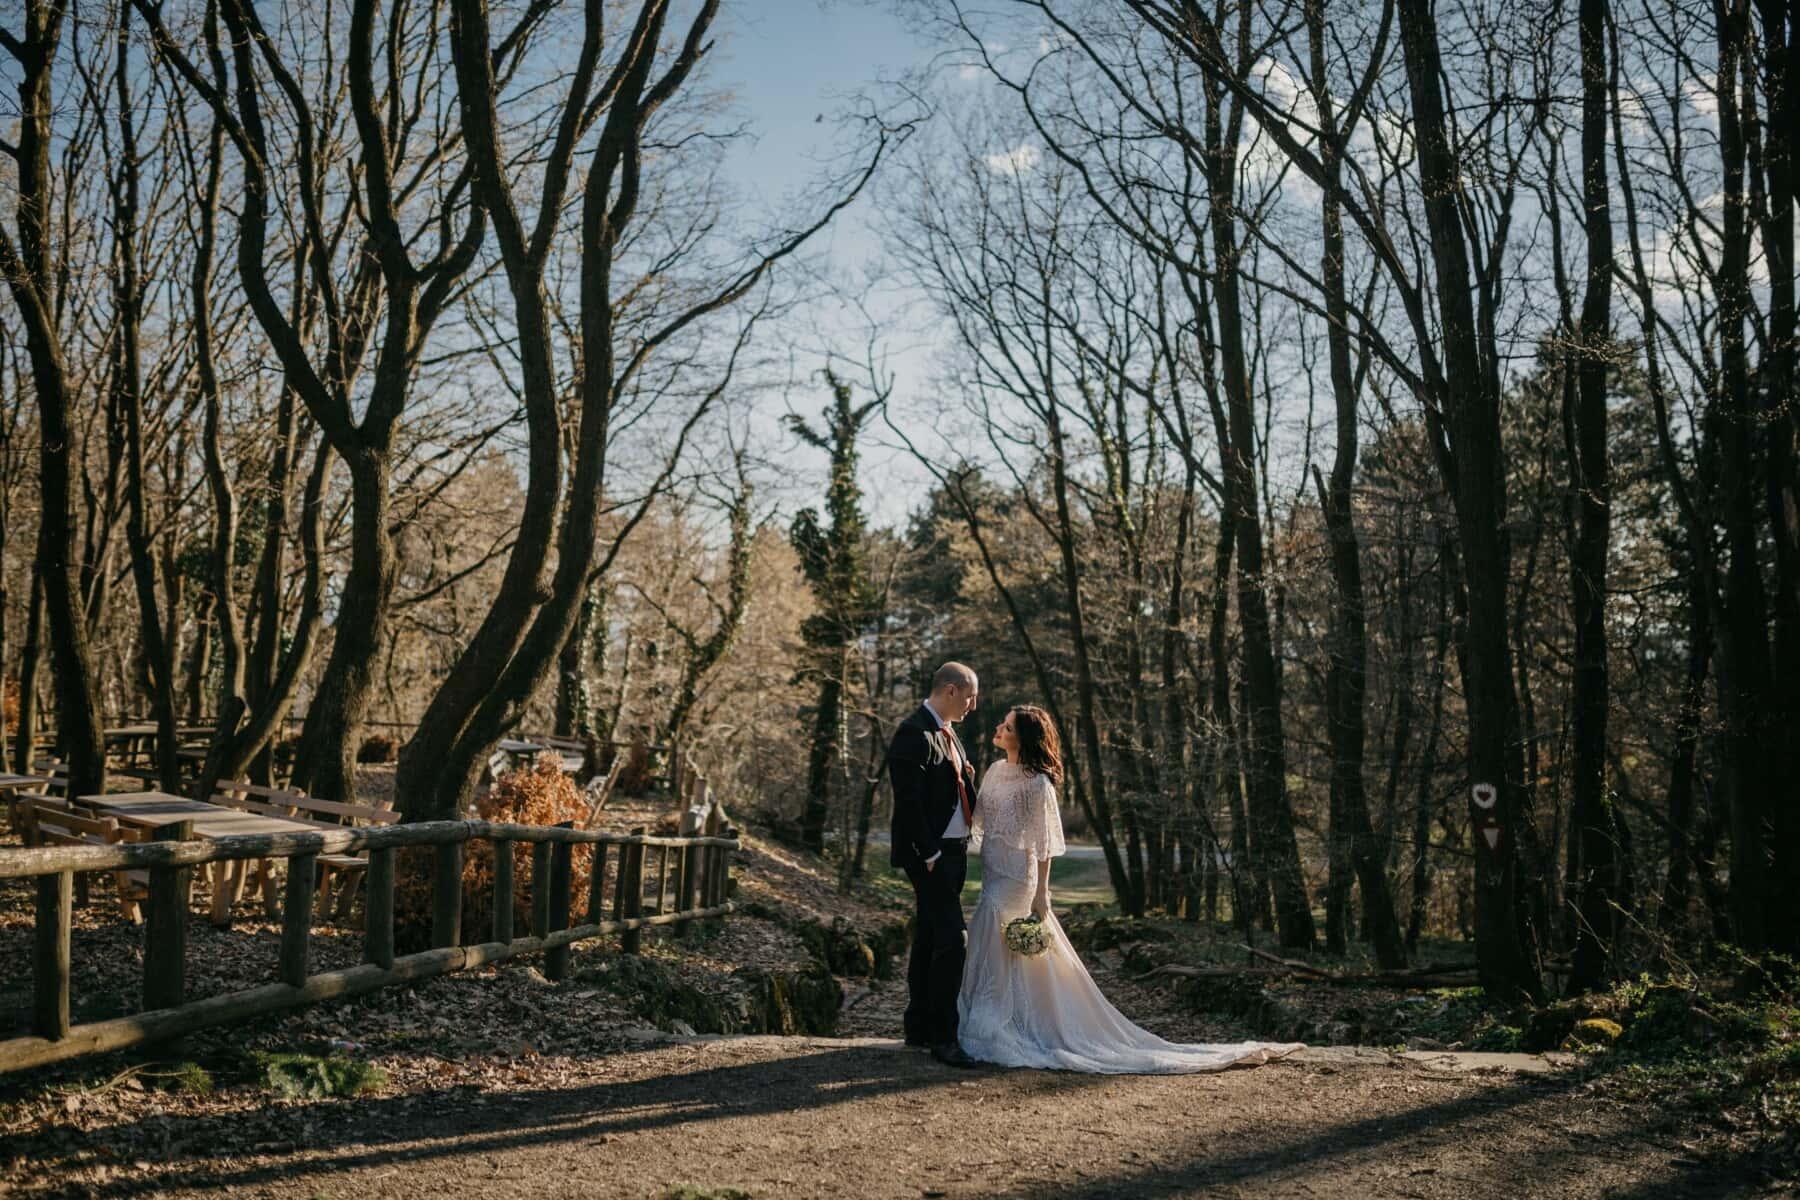 romantic, groom, love, bride, wedding, tree, wood, landscape, leaf, couple